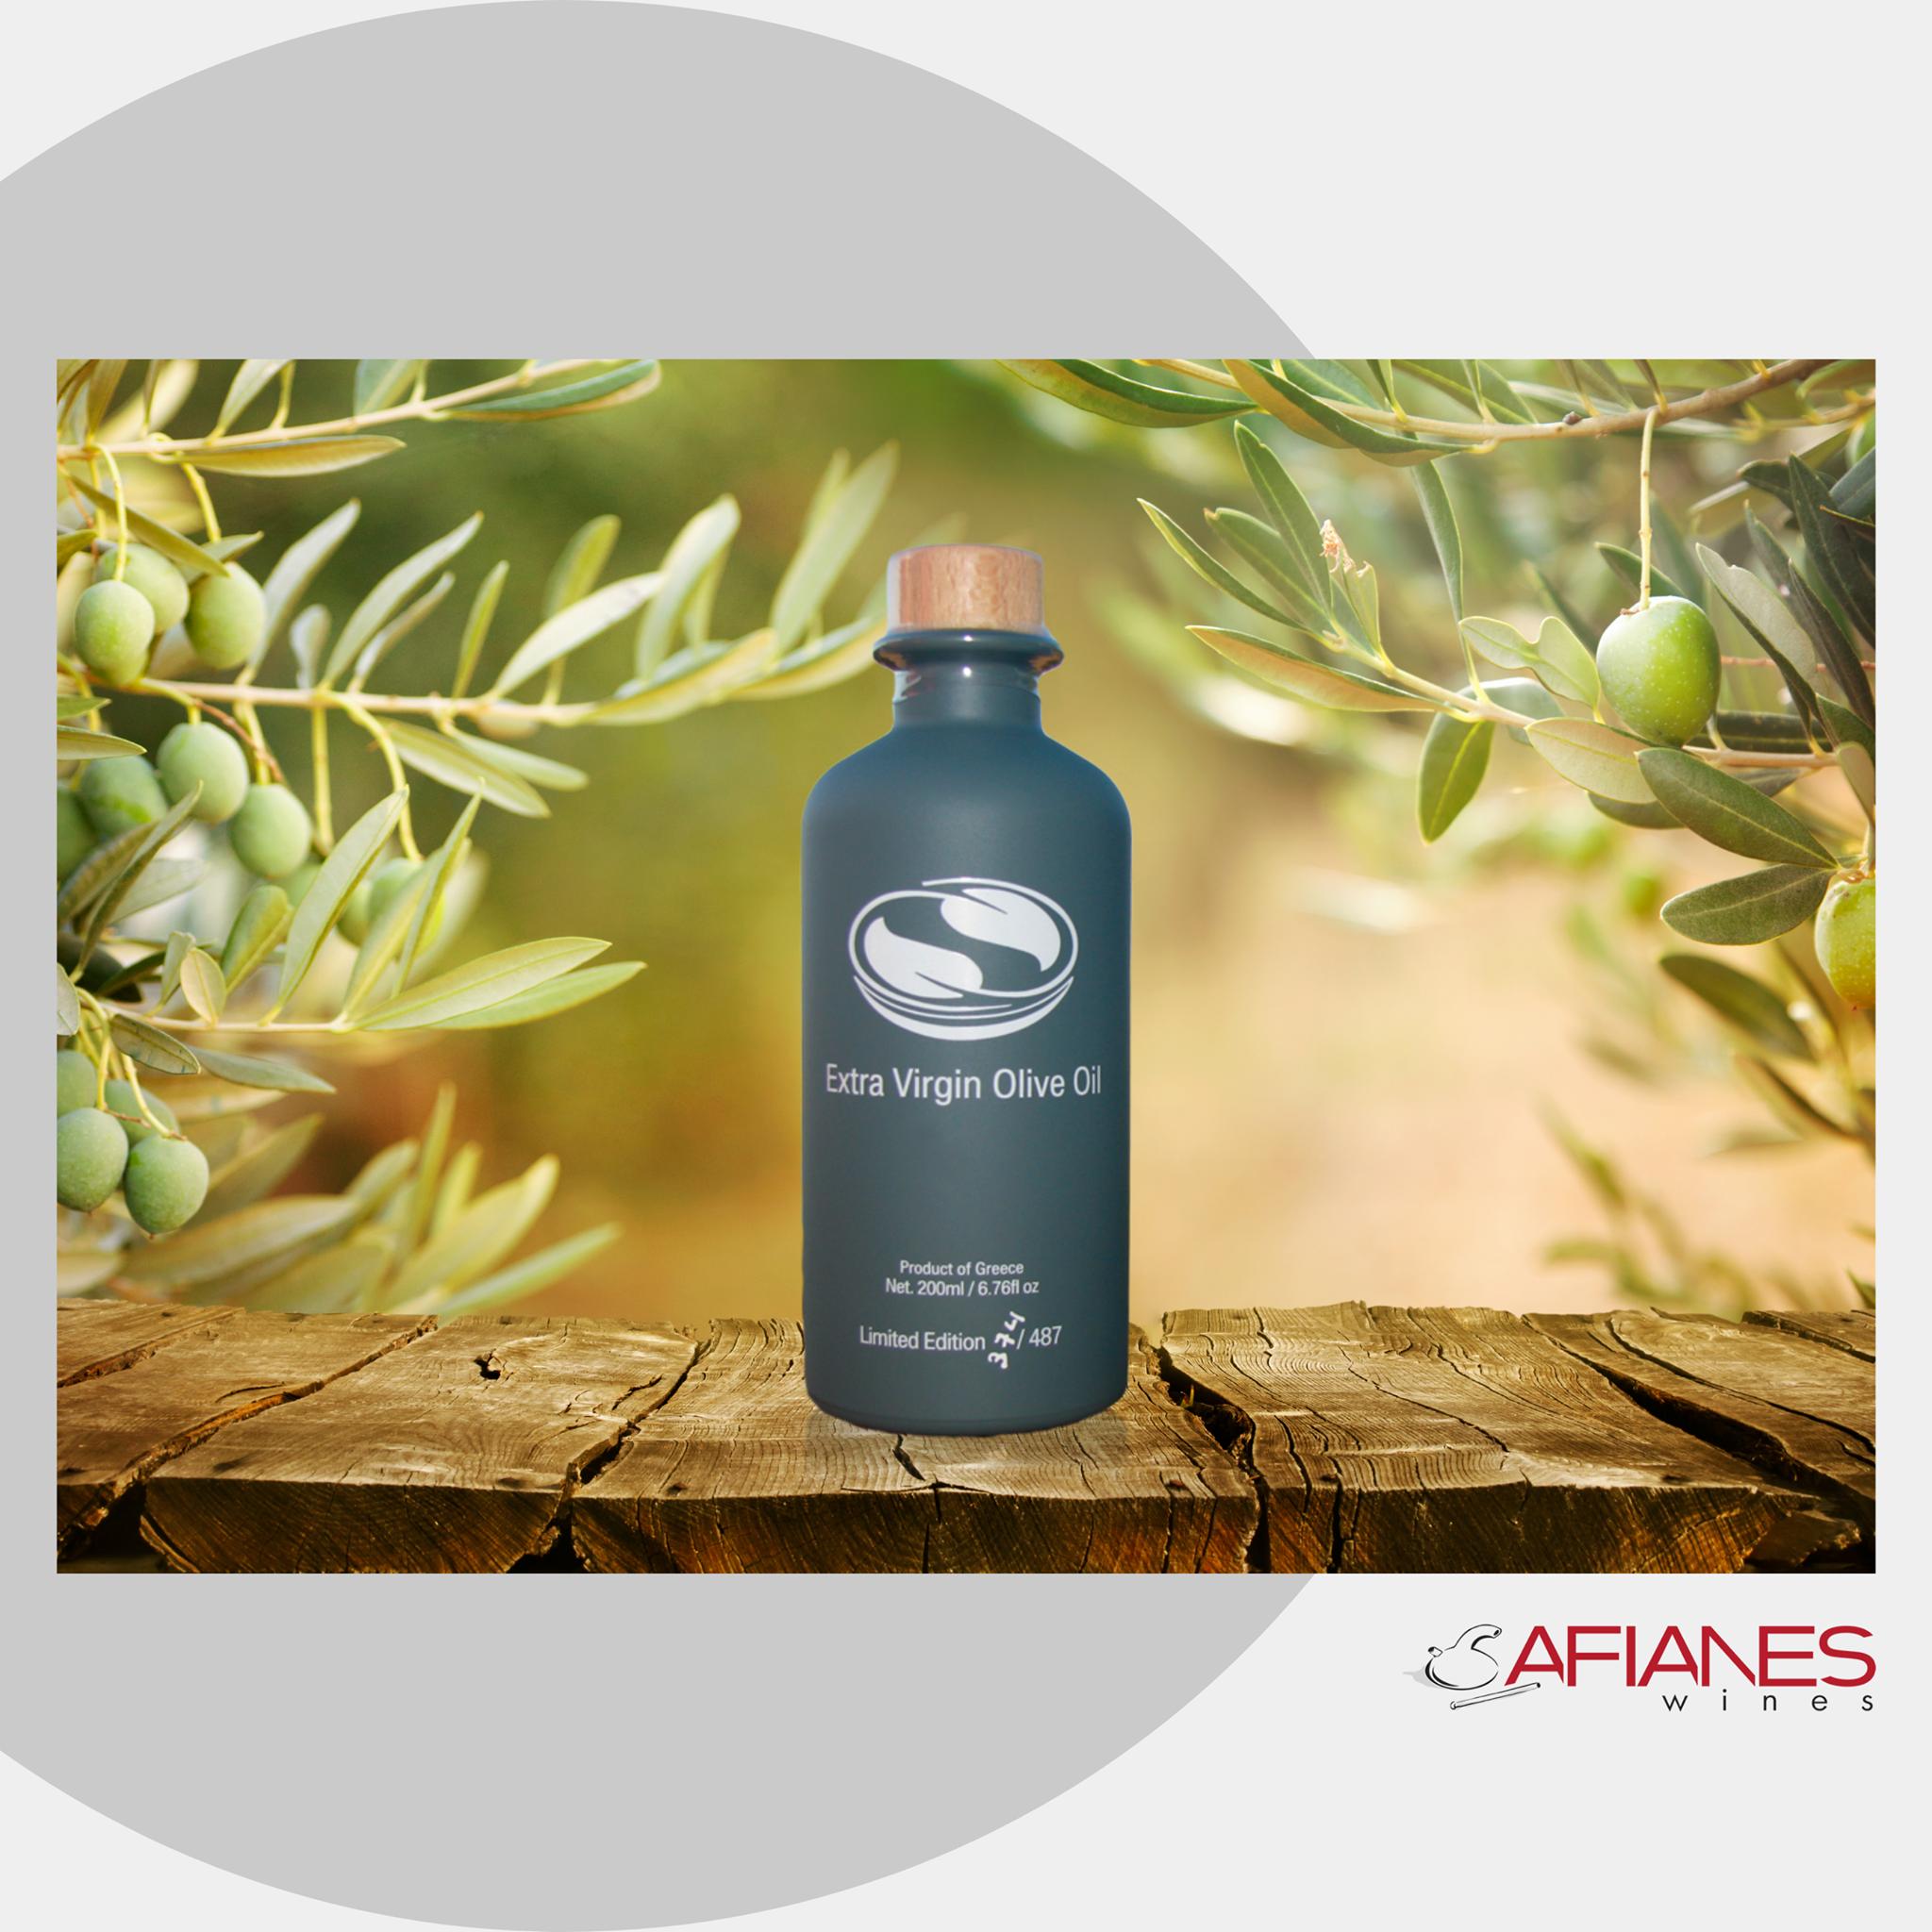 Νέο προιόν – Εxtra Virgin olive oil by Afianes